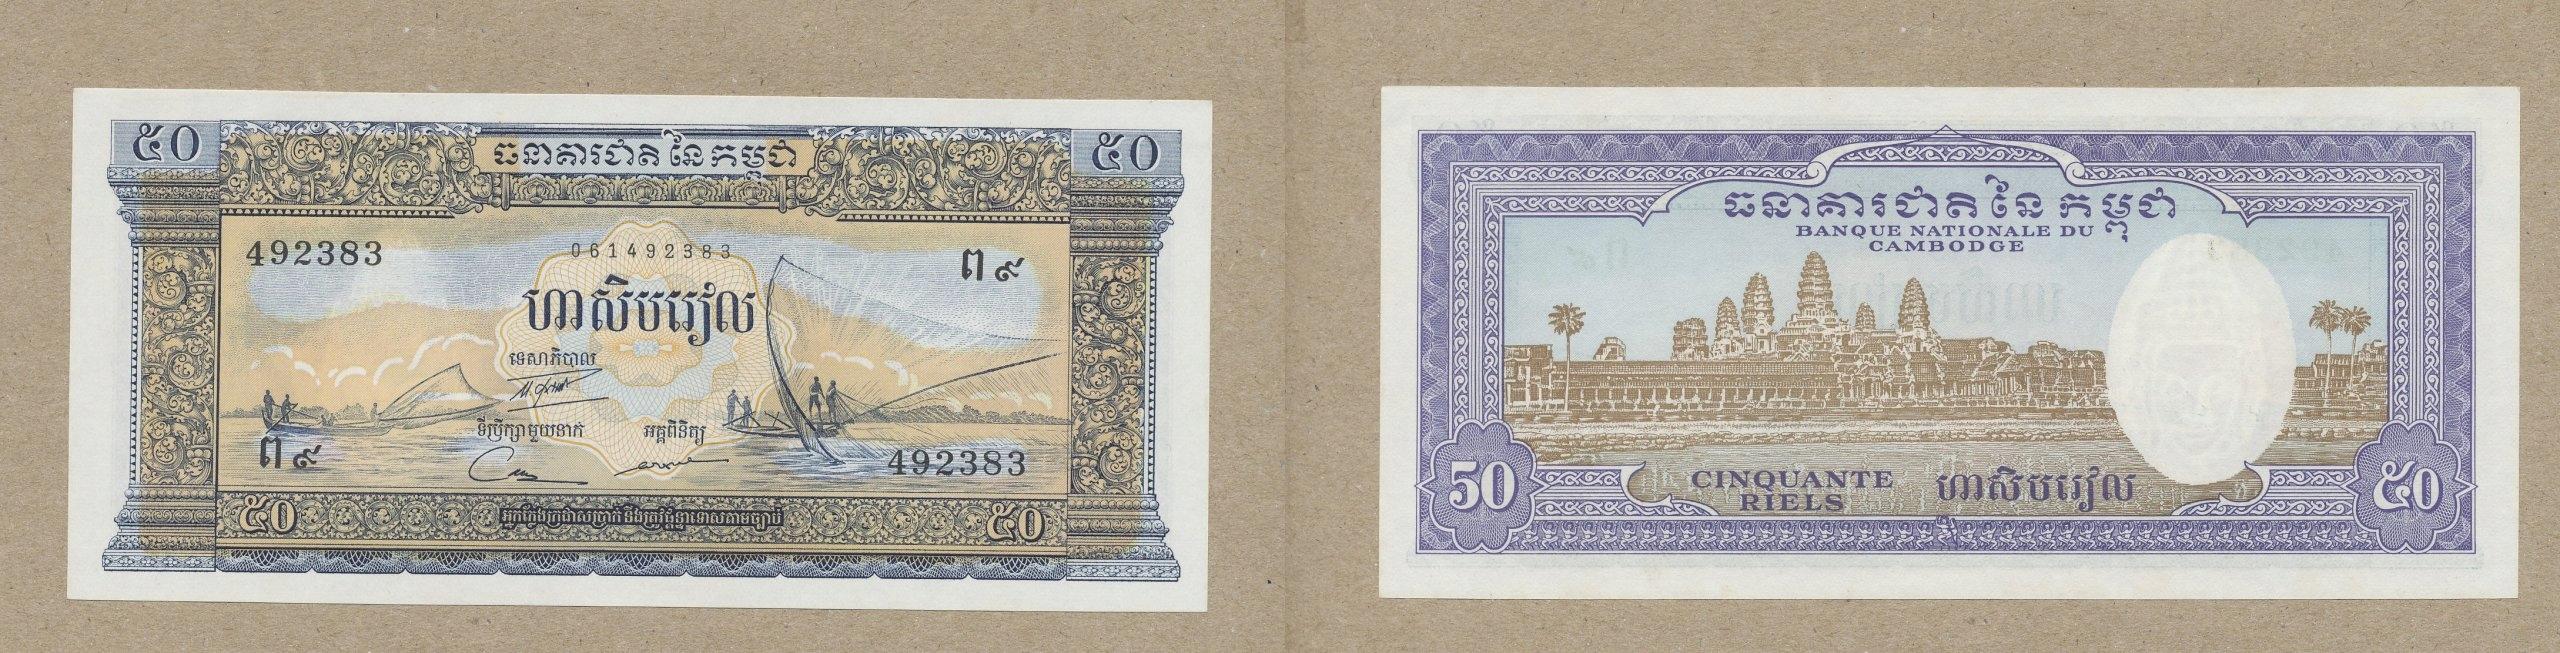 CAMBODIA 50 RIELS 1956 UNC P-7d